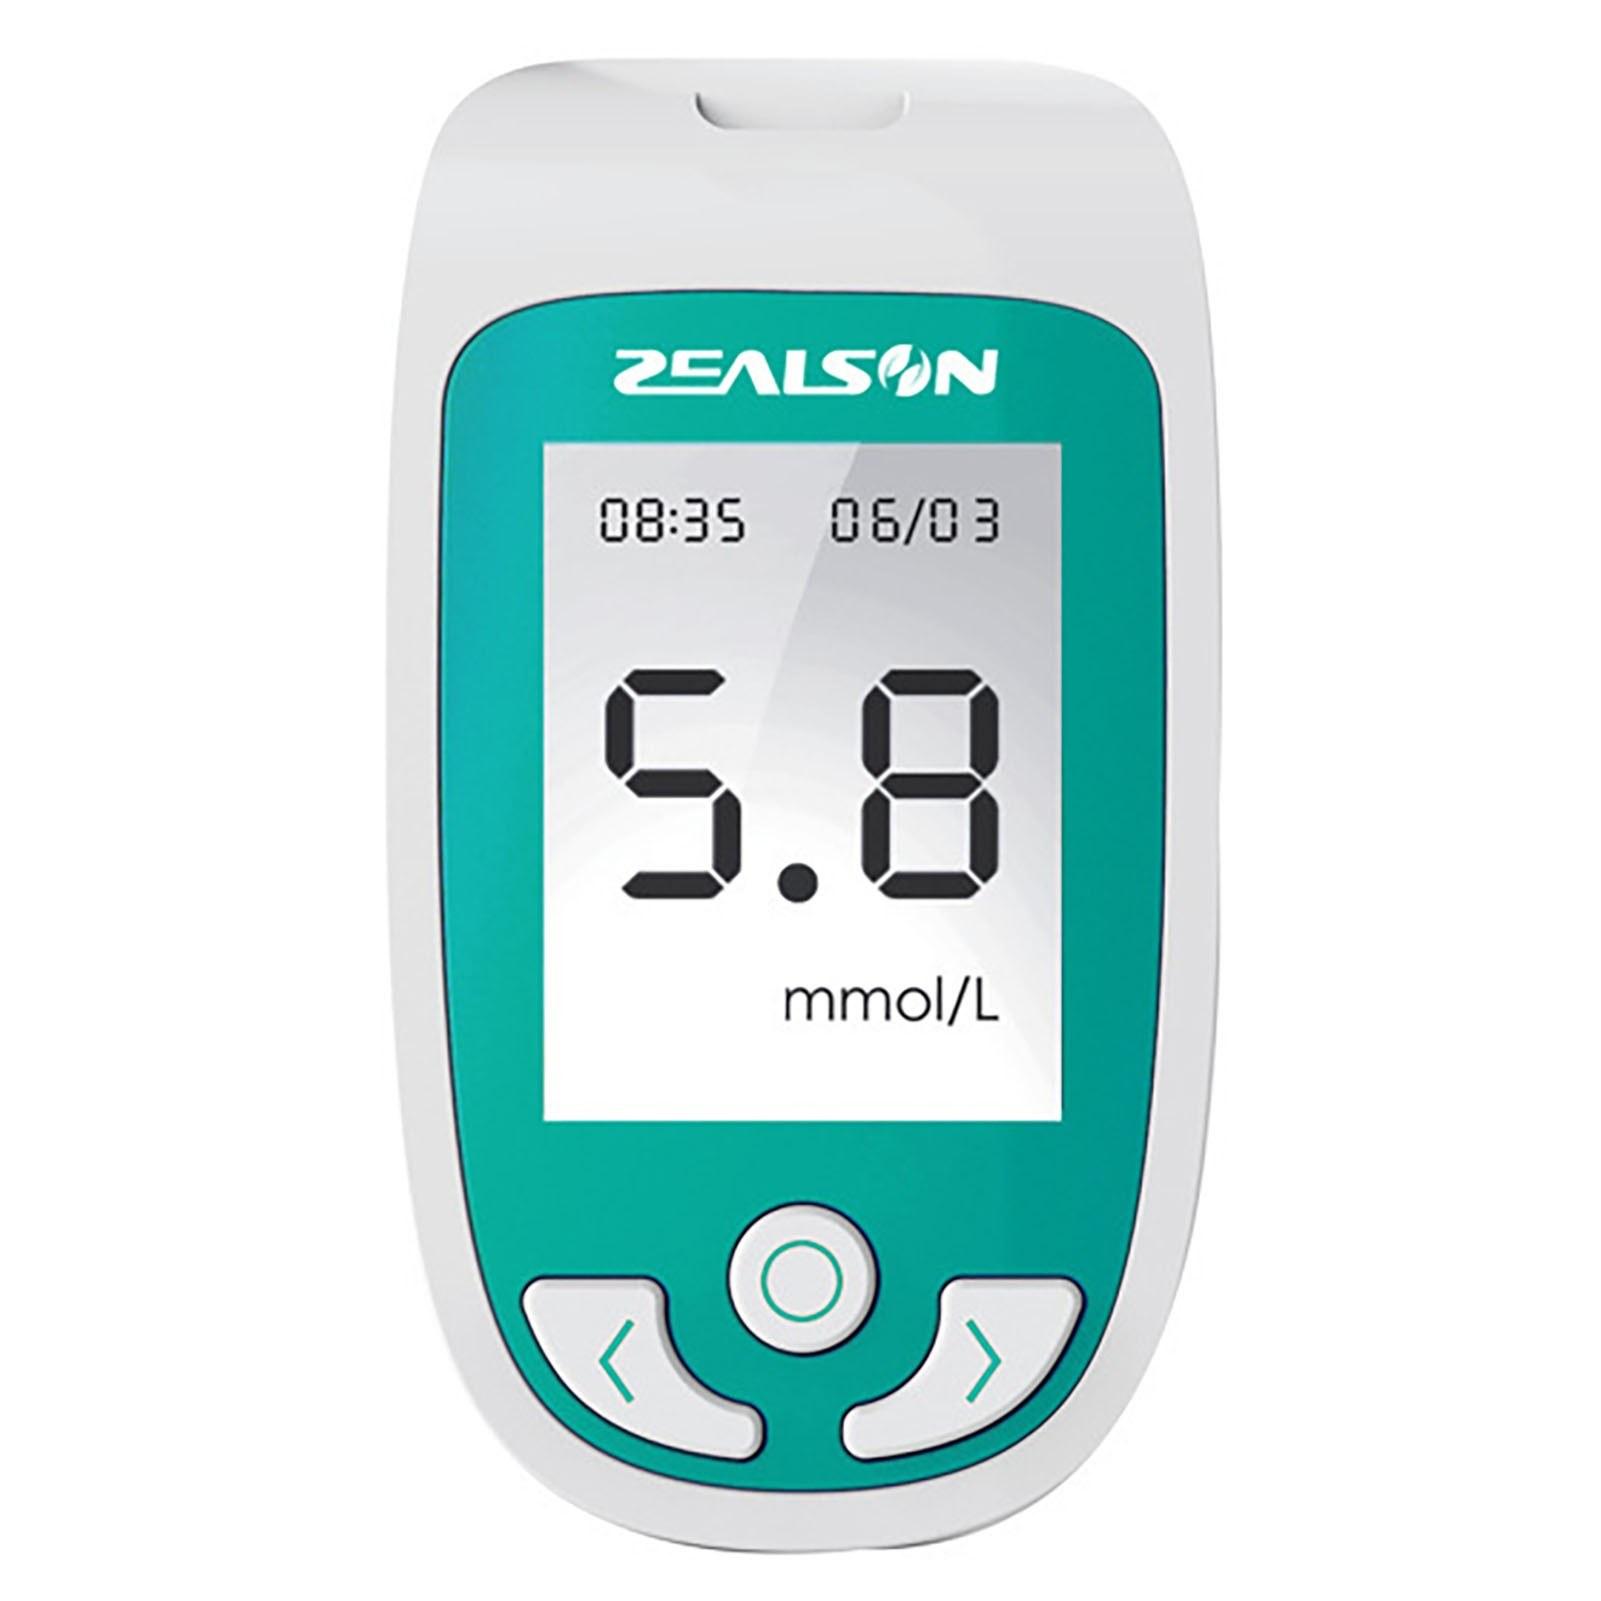 - 41% OFF 3 IN 1 Multifunction Blood Sugar Test Strip Monitor Diabetics Kit, Free Shipping $16.99